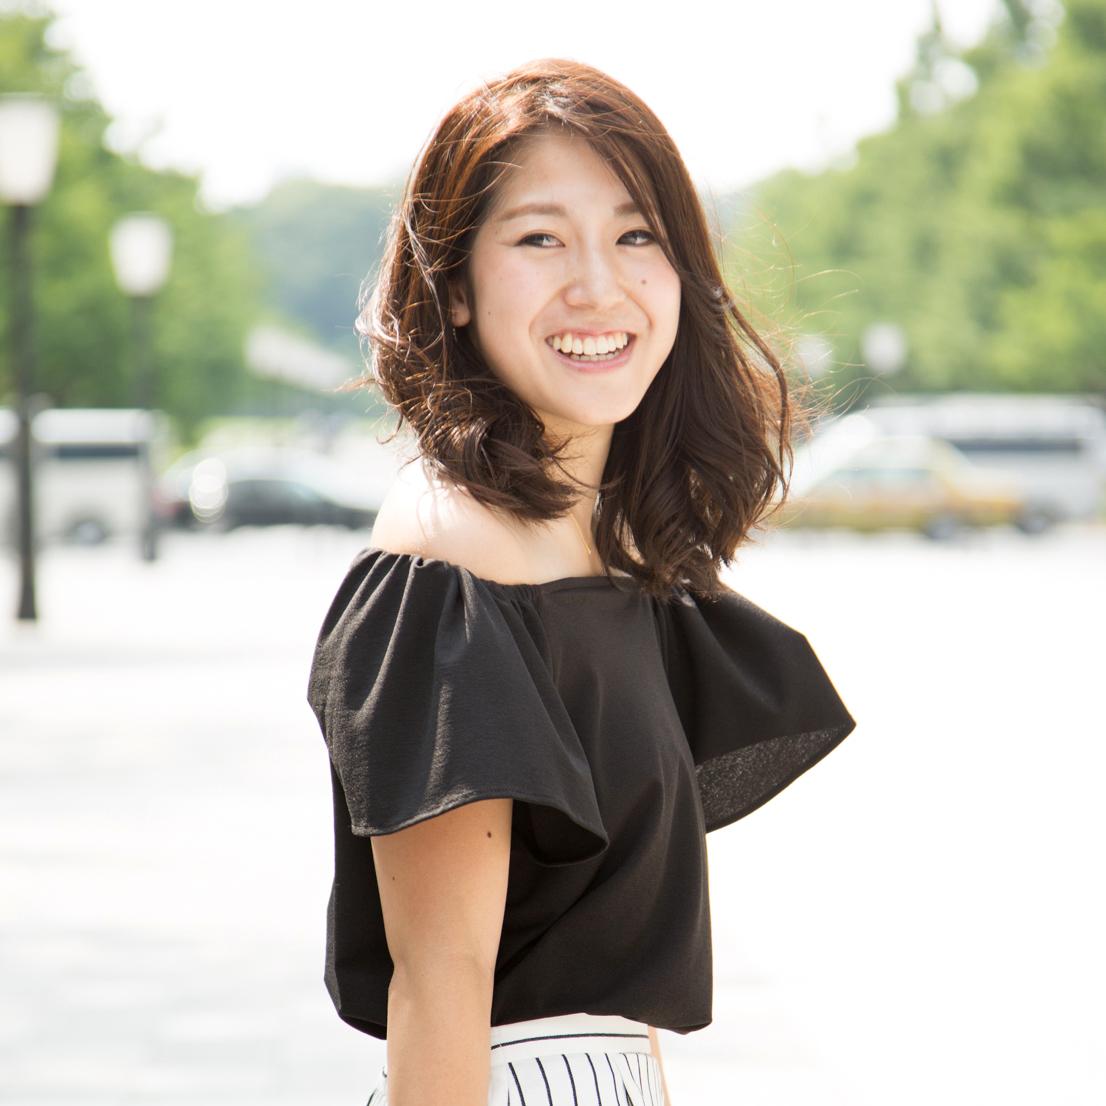 #1 坊城佳奈子さん「ストライプタイト」